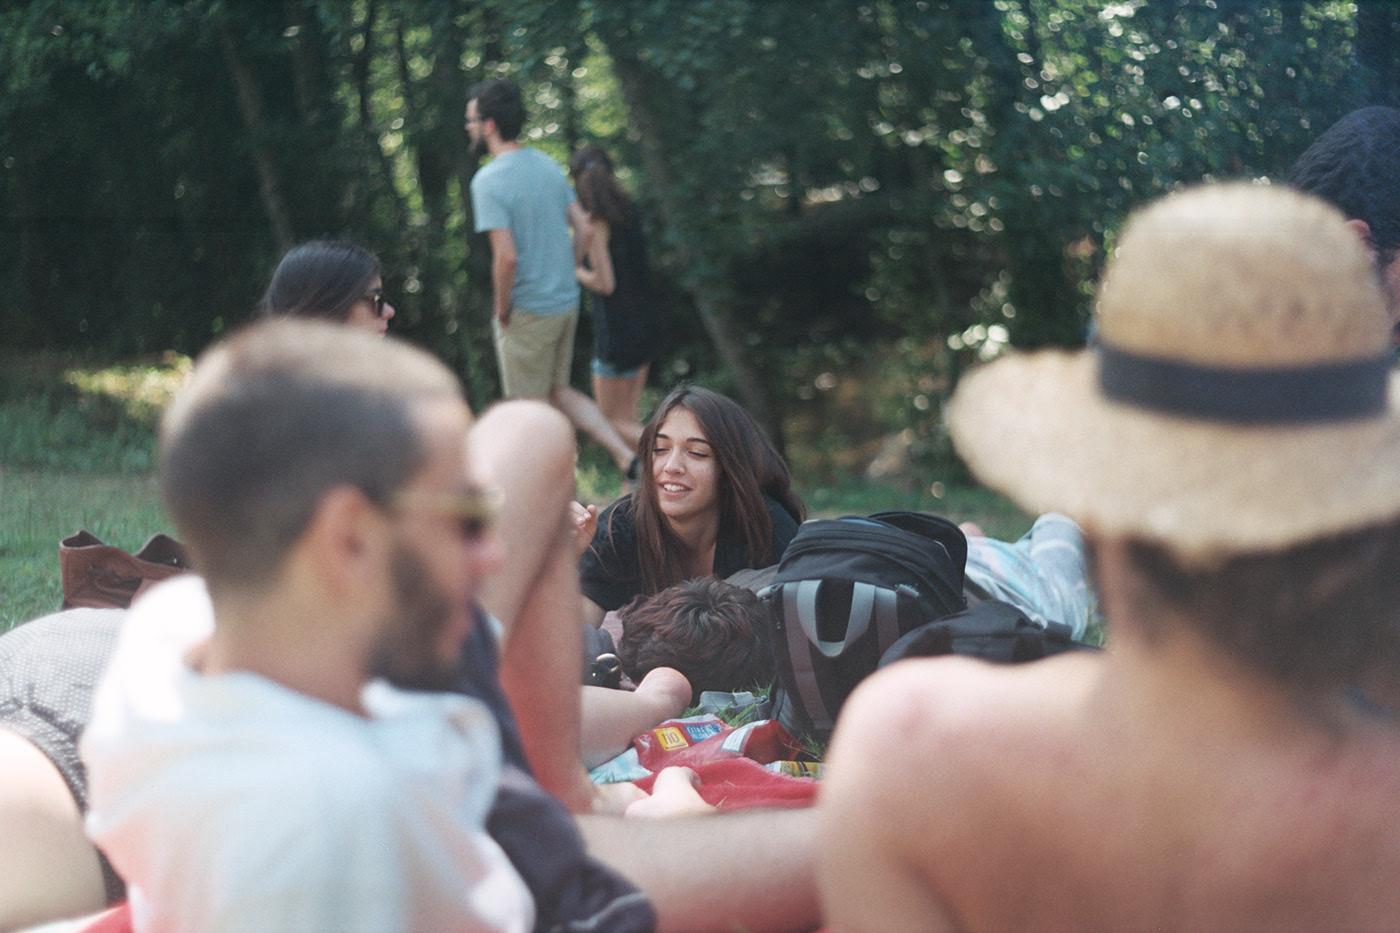 festival35mm